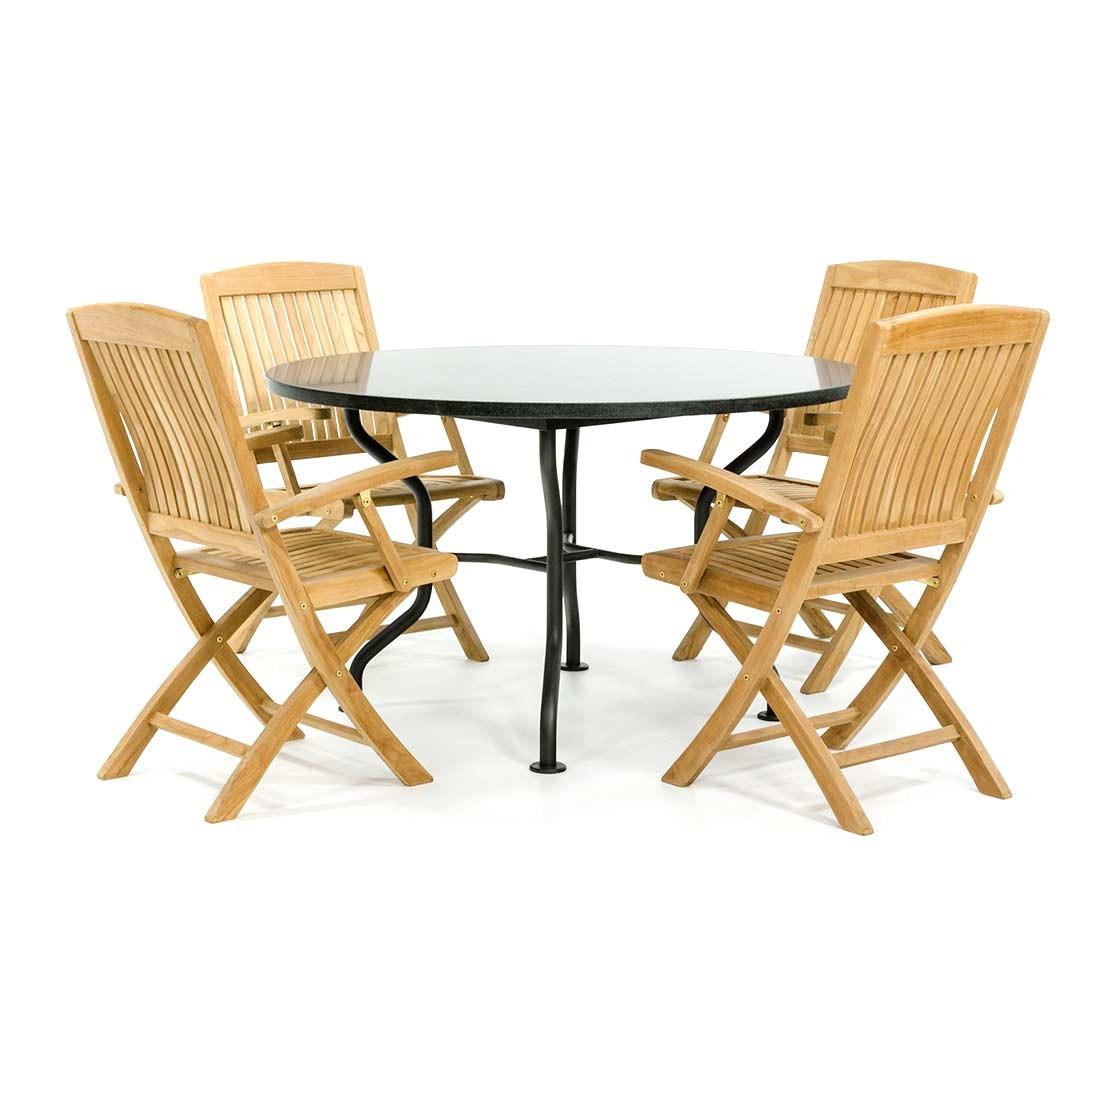 Runder Granit Gartentisch mit Klappstühlen aus Holz